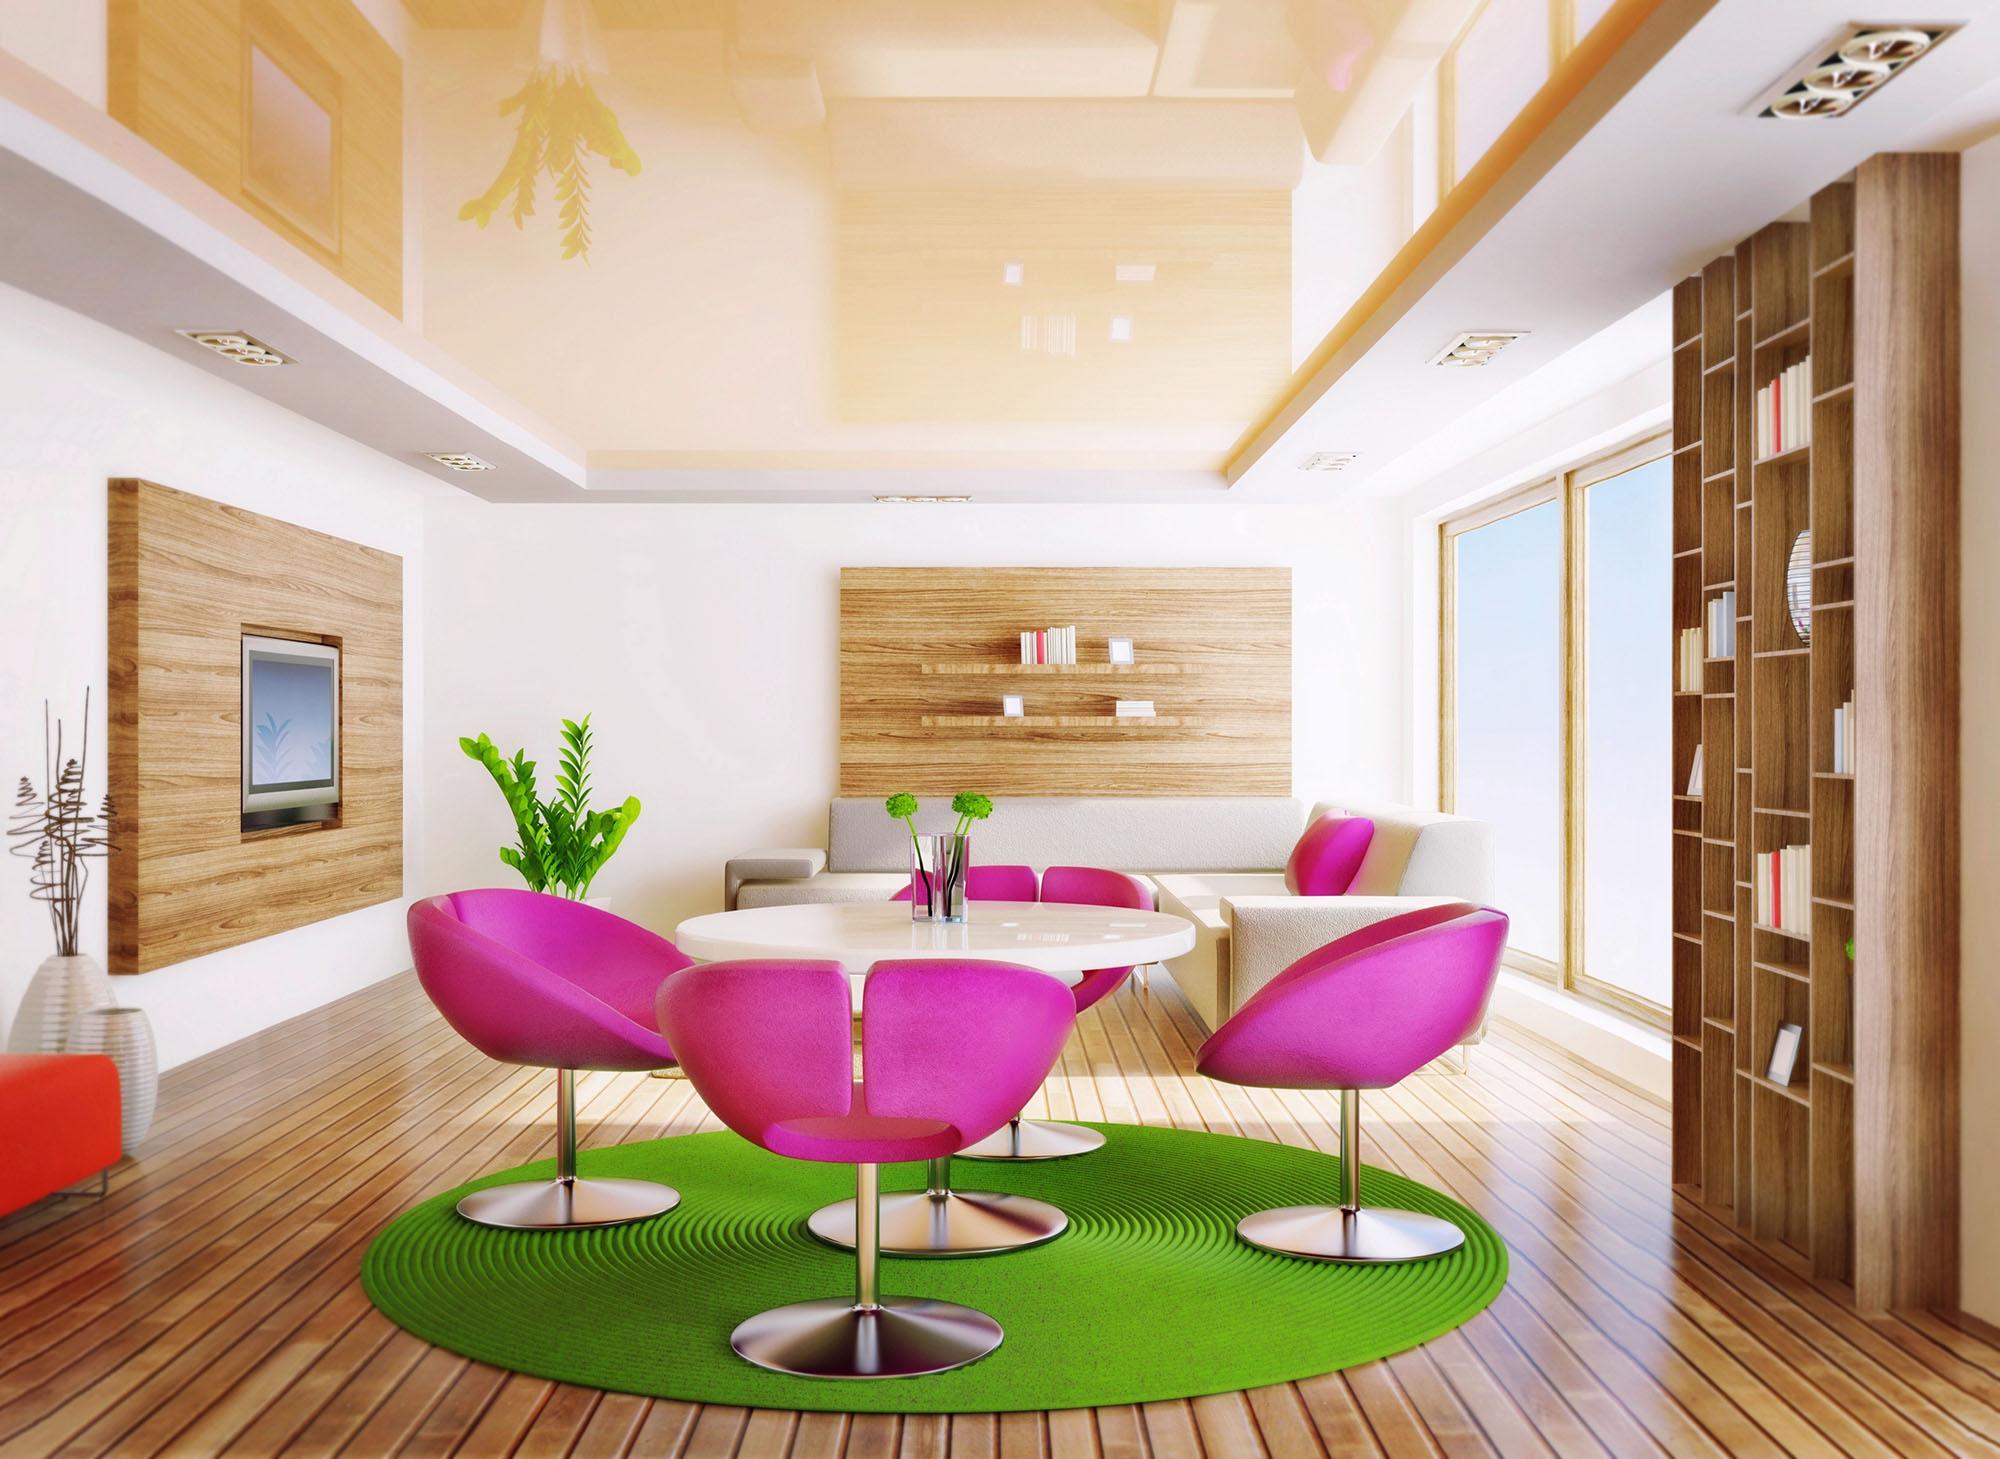 Бежево-белый натяжной потолок в гостиной